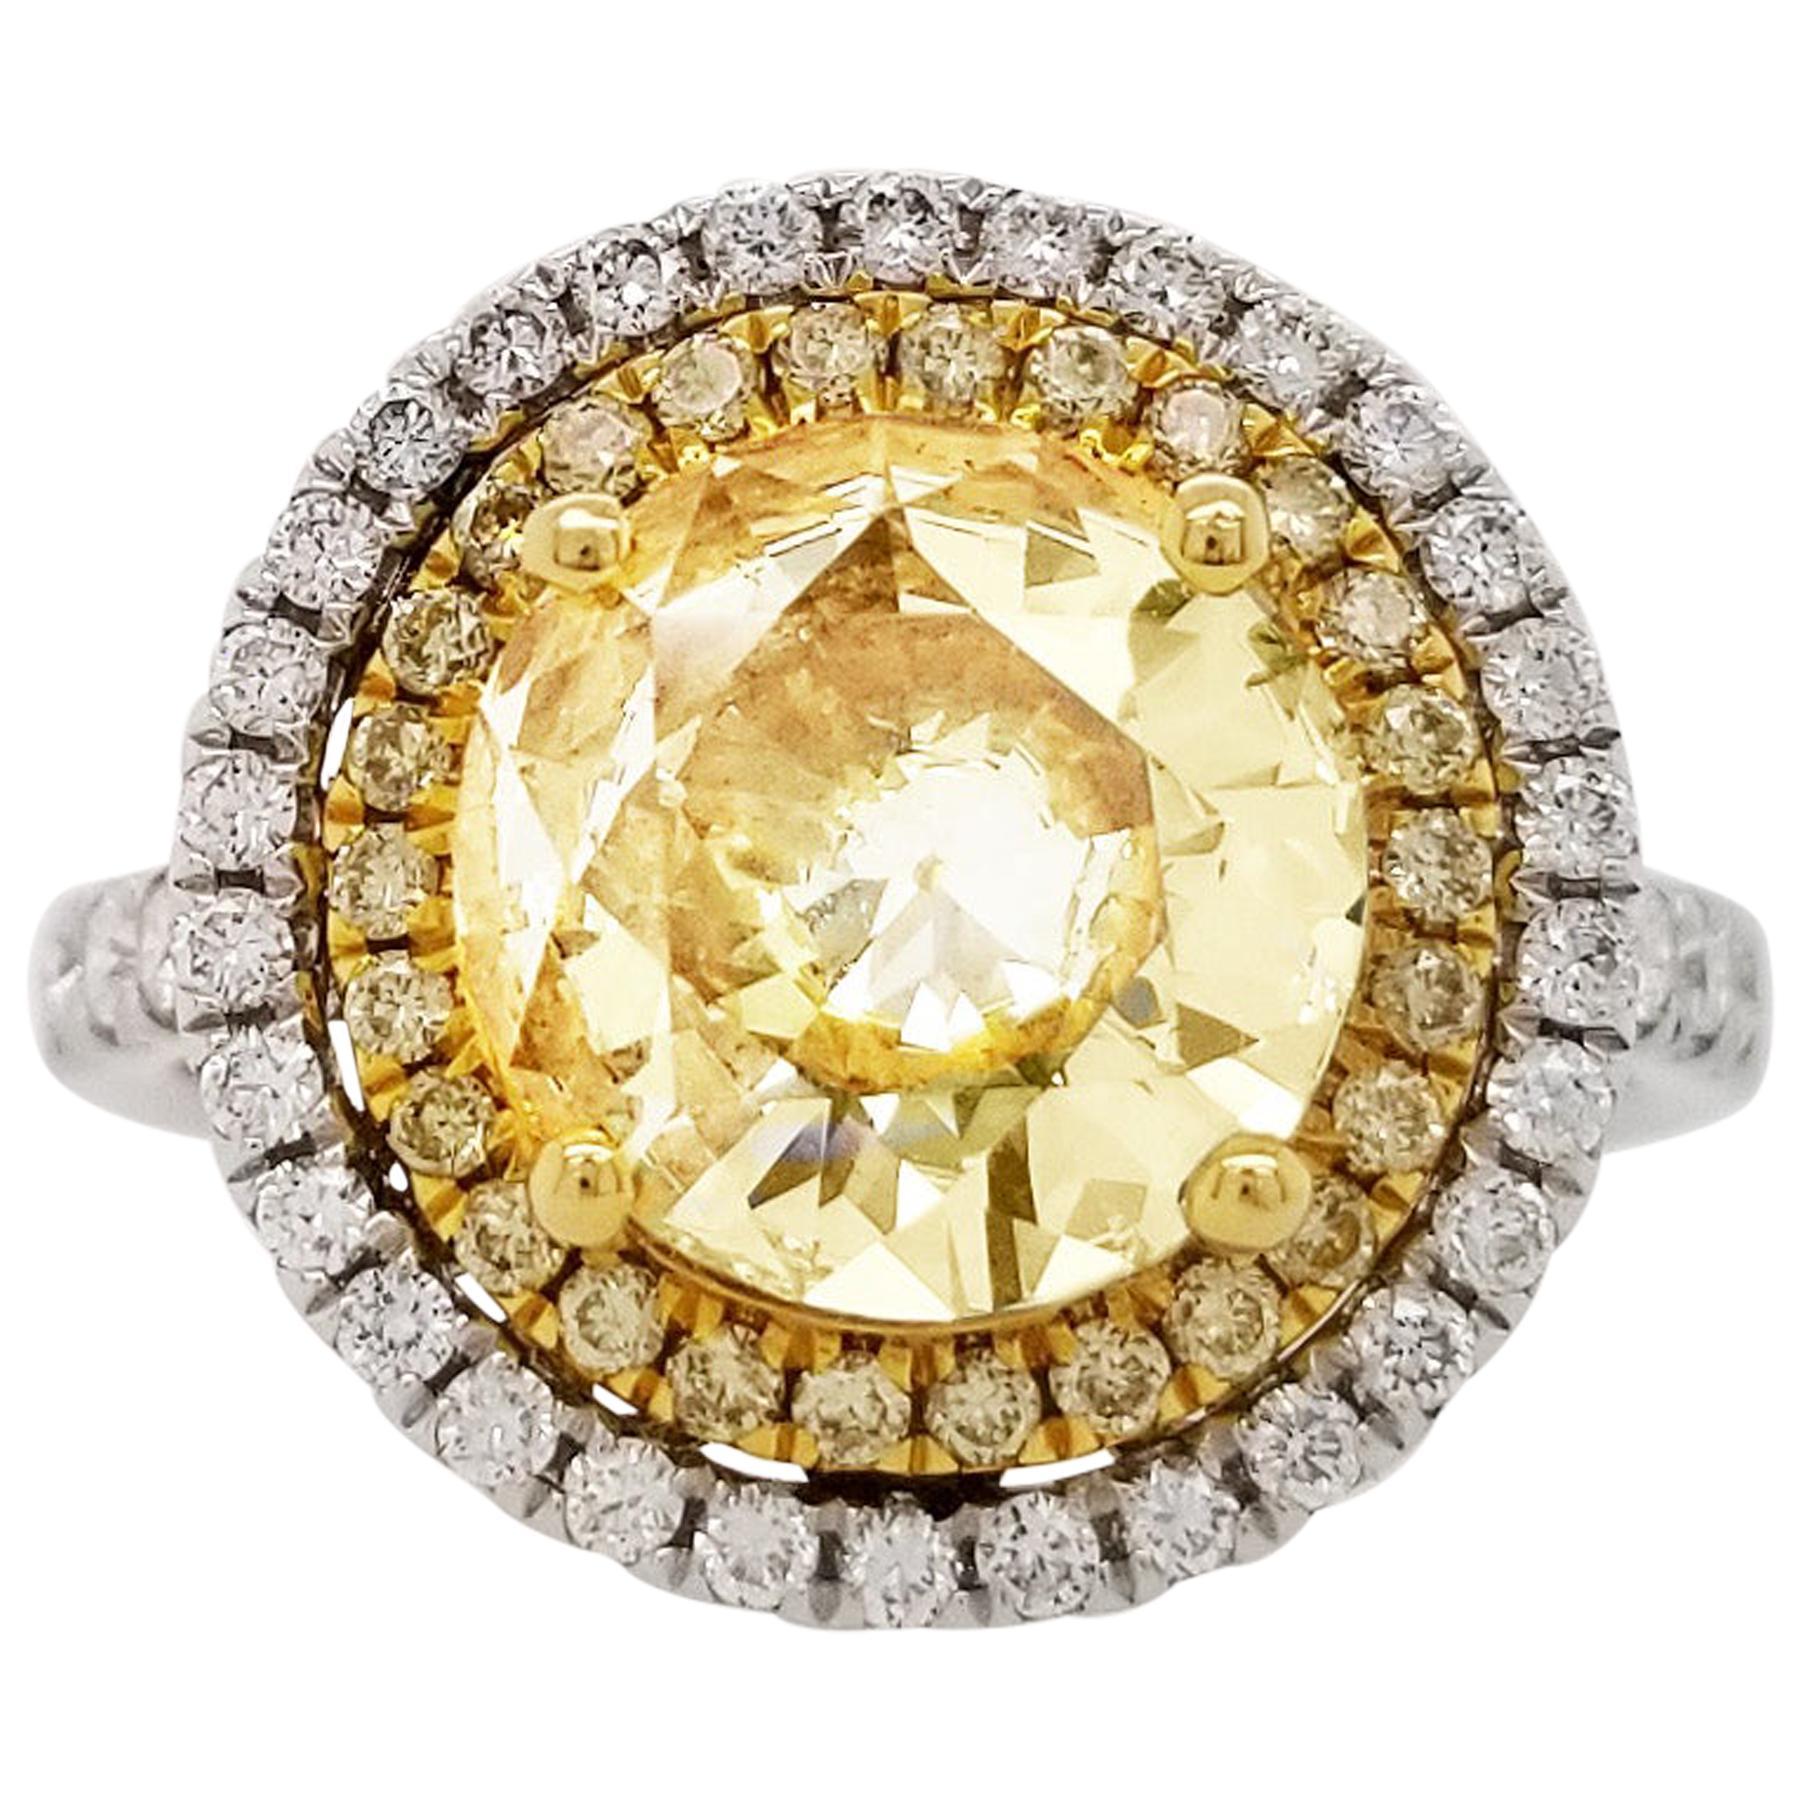 Scarselli 18 Karat Gold Ring 2 Carat Fancy Yellow Diamond GIA